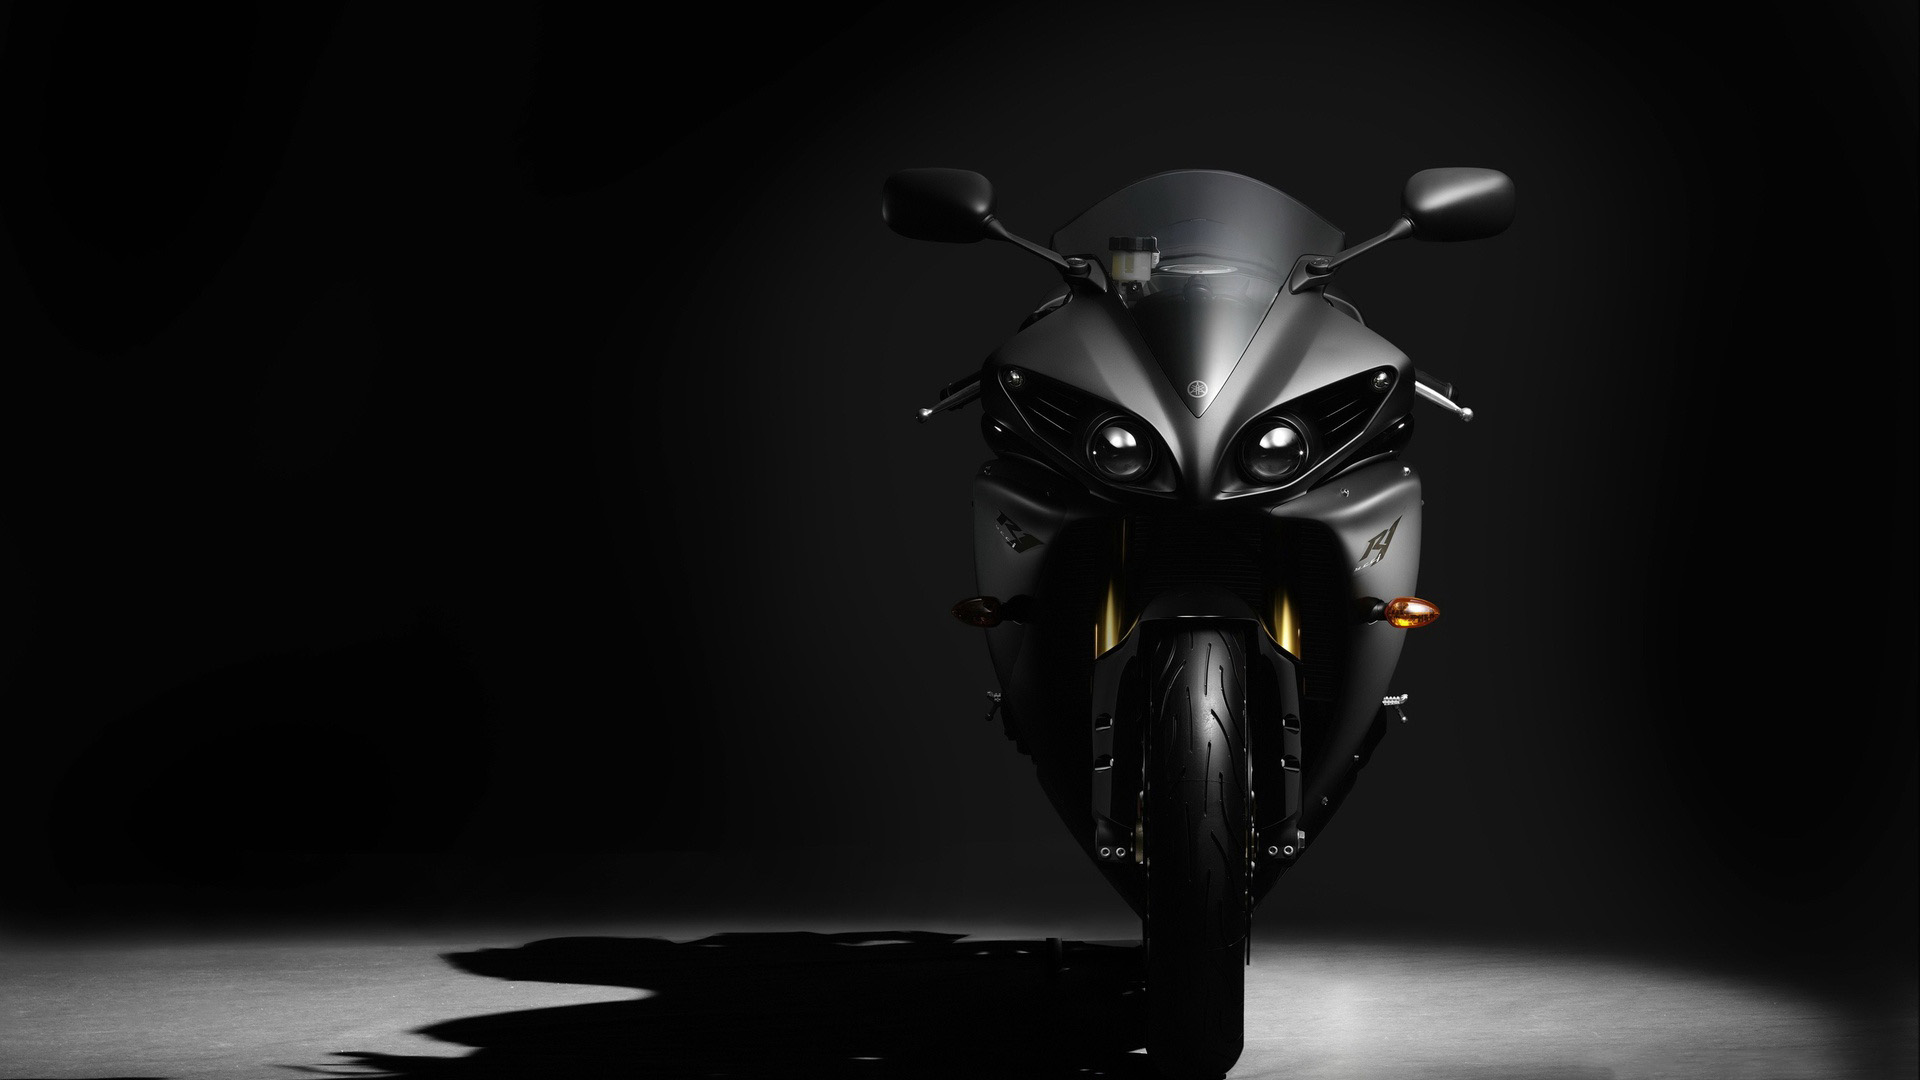 stylish bike Black background